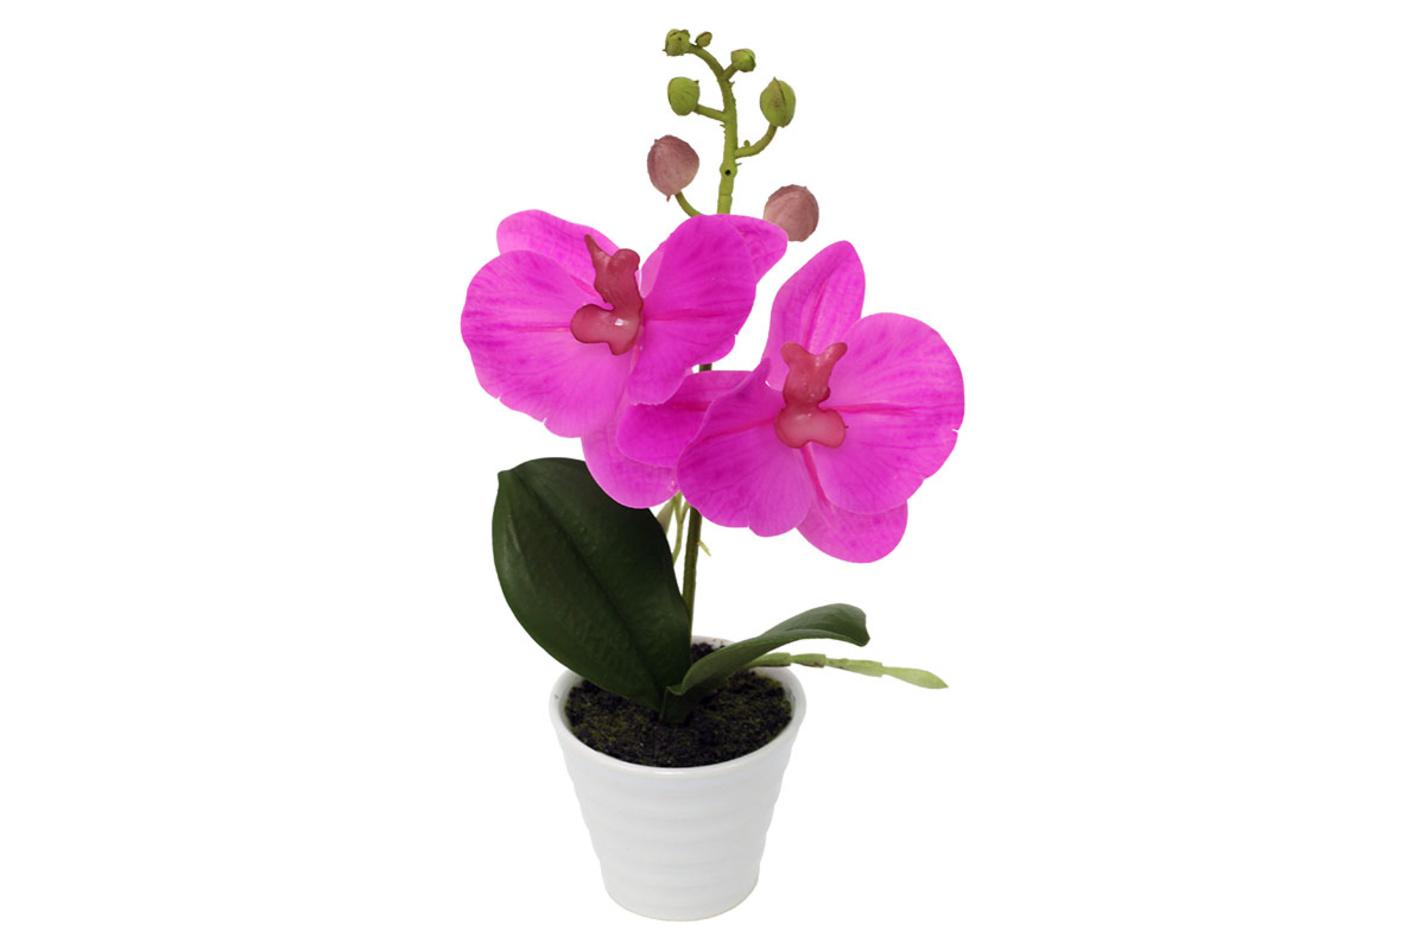 Orchidea v keramickom kvetináči, tm. ružová, ORC720902